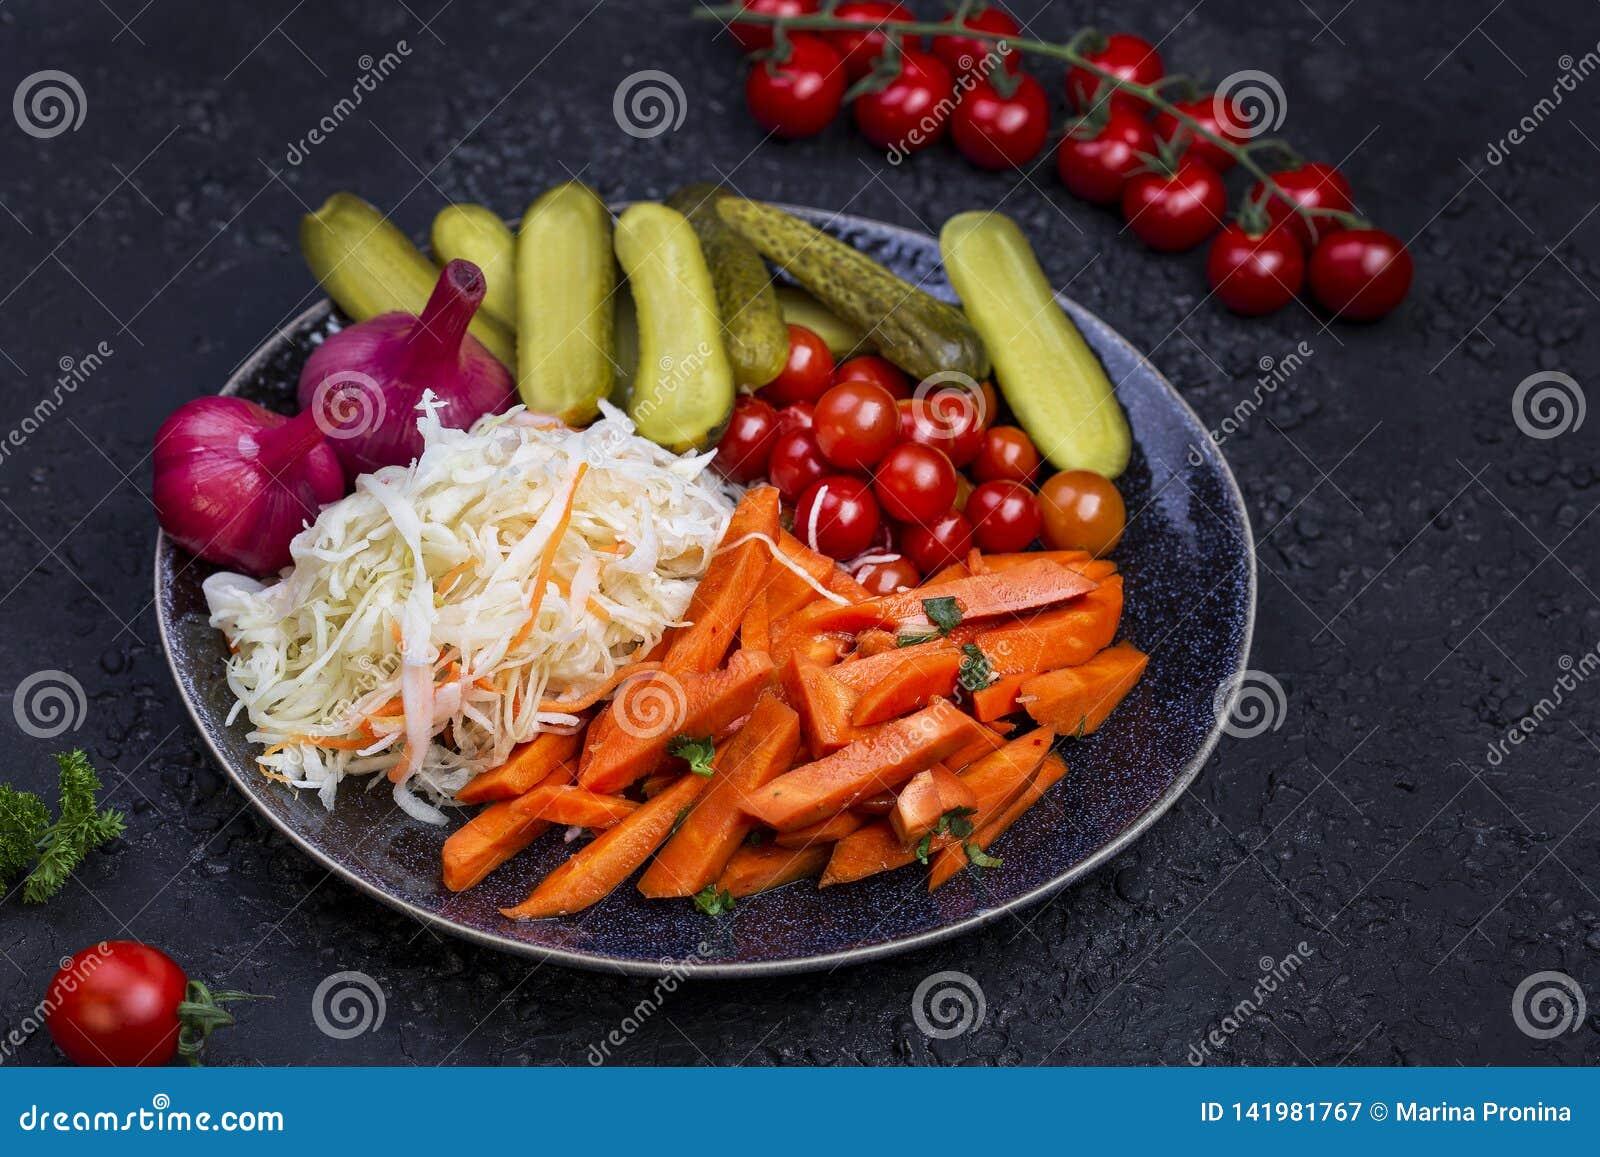 Διαφορετικοί τύποι παστωμένων λαχανικών σε ένα σκοτεινό υπόβαθρο